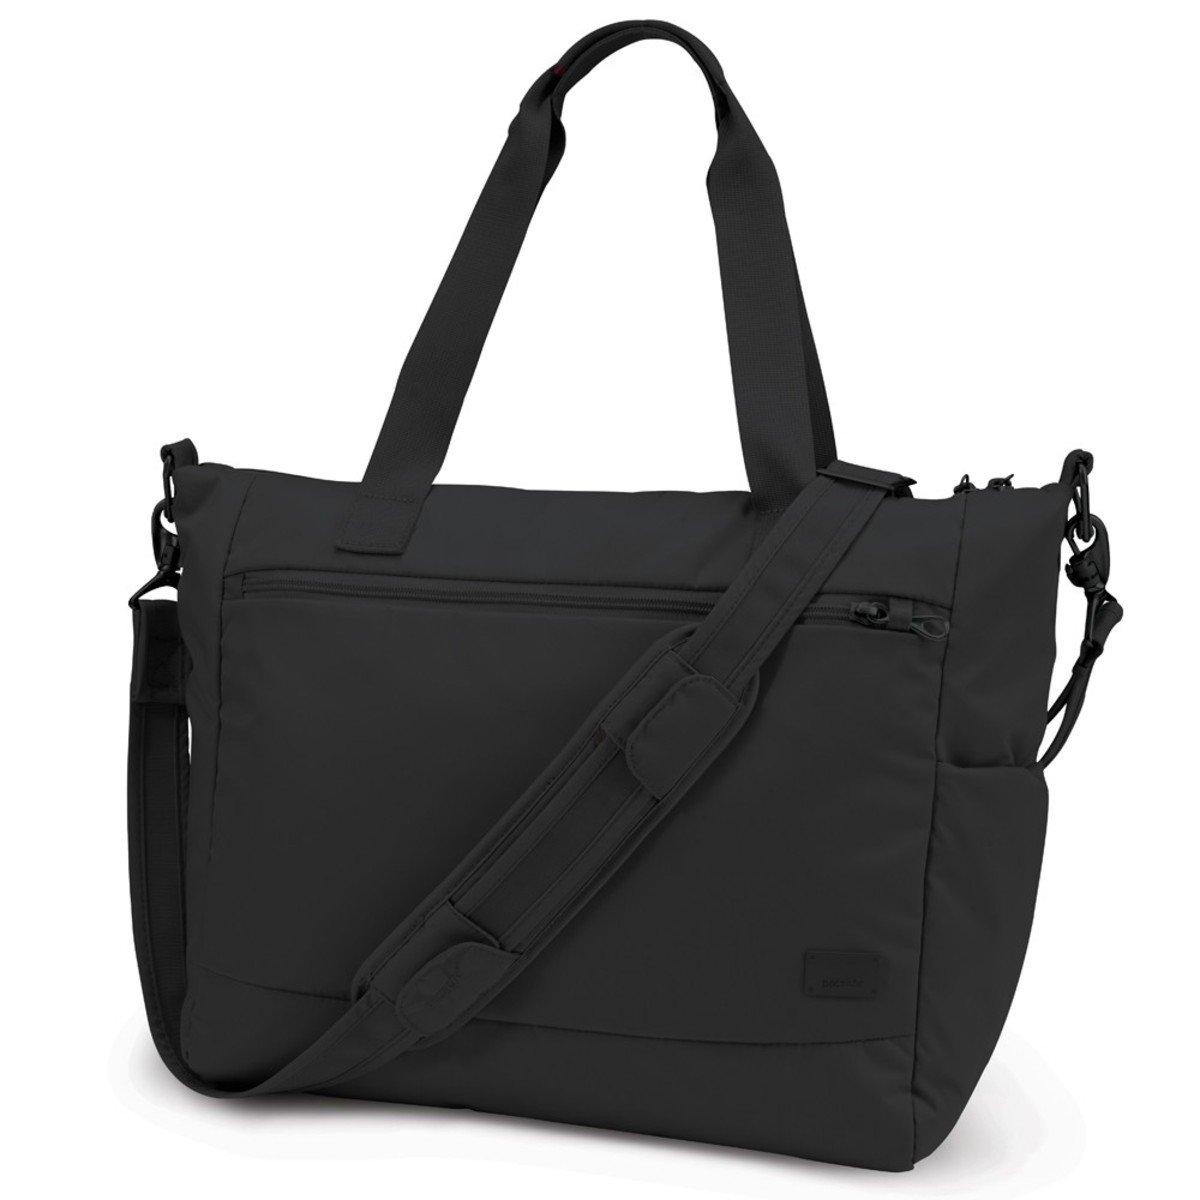 Citysafe CS400 防盜旅行斜揹手提袋 (黑色)